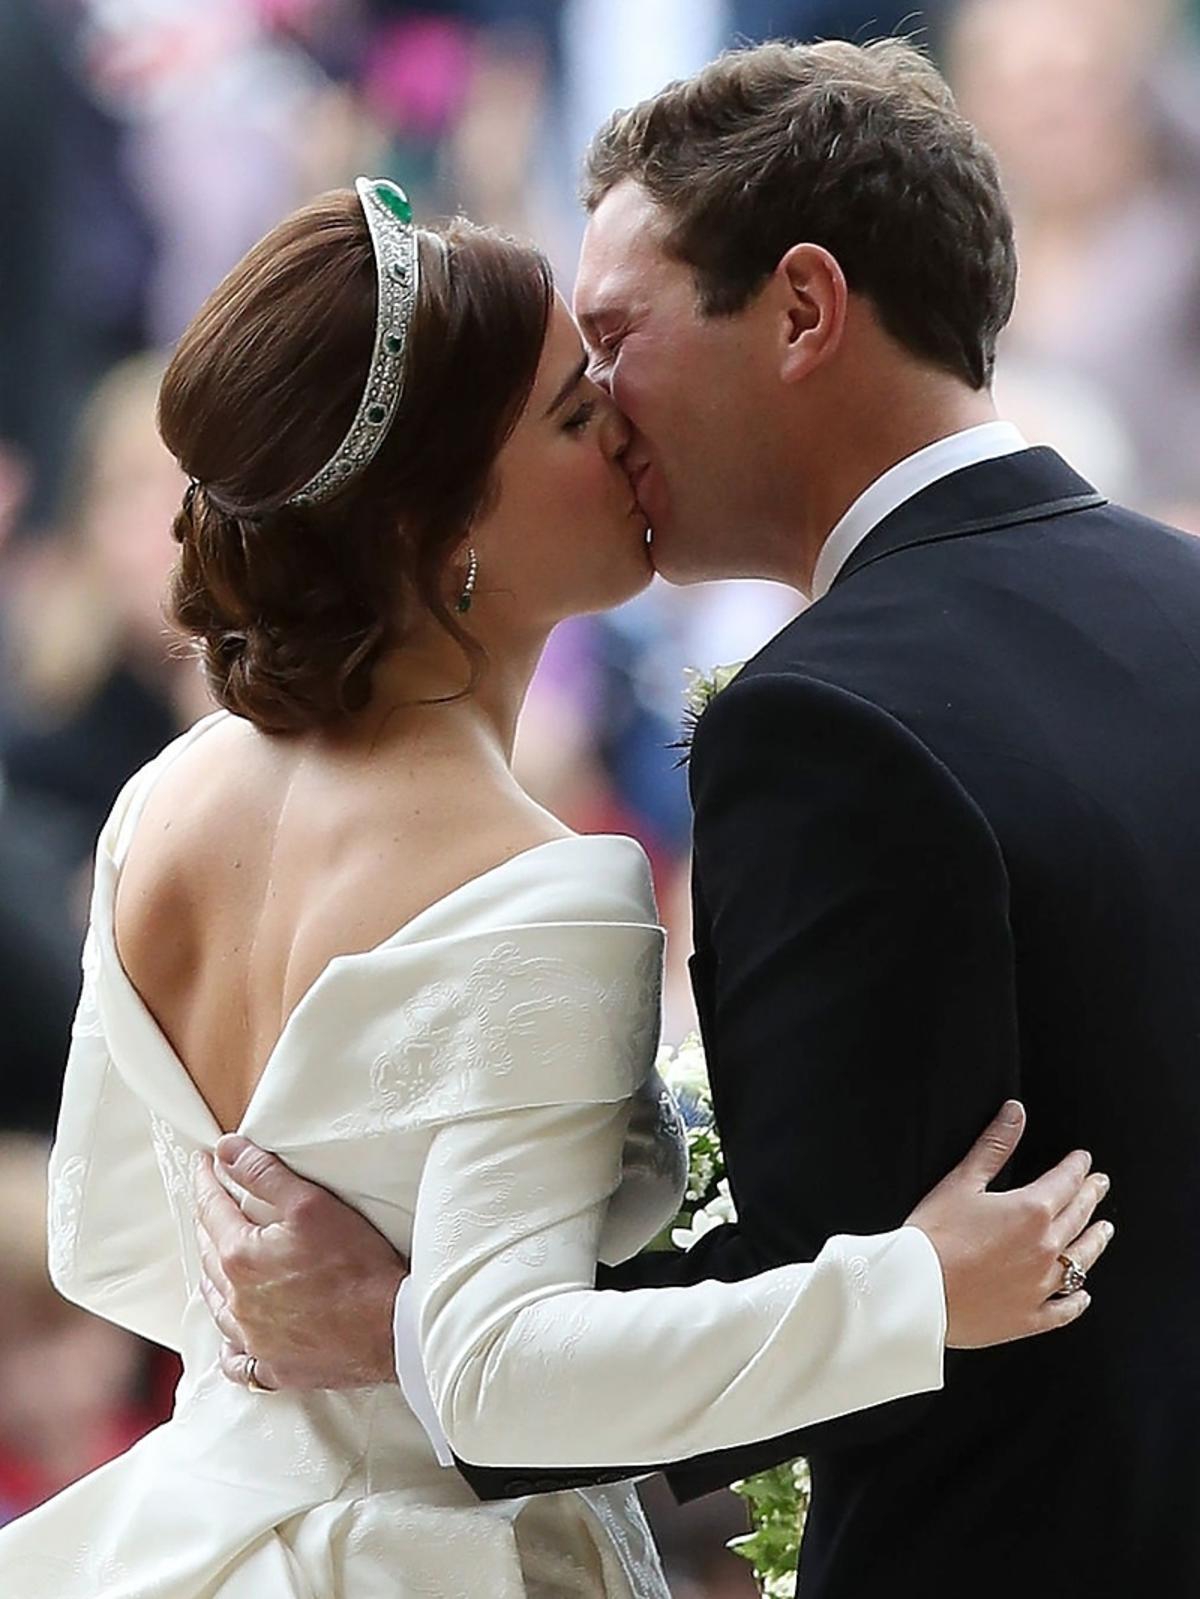 Księżniczka Eugenia pokazała ogromną bliznę na plecach podczas ślubu